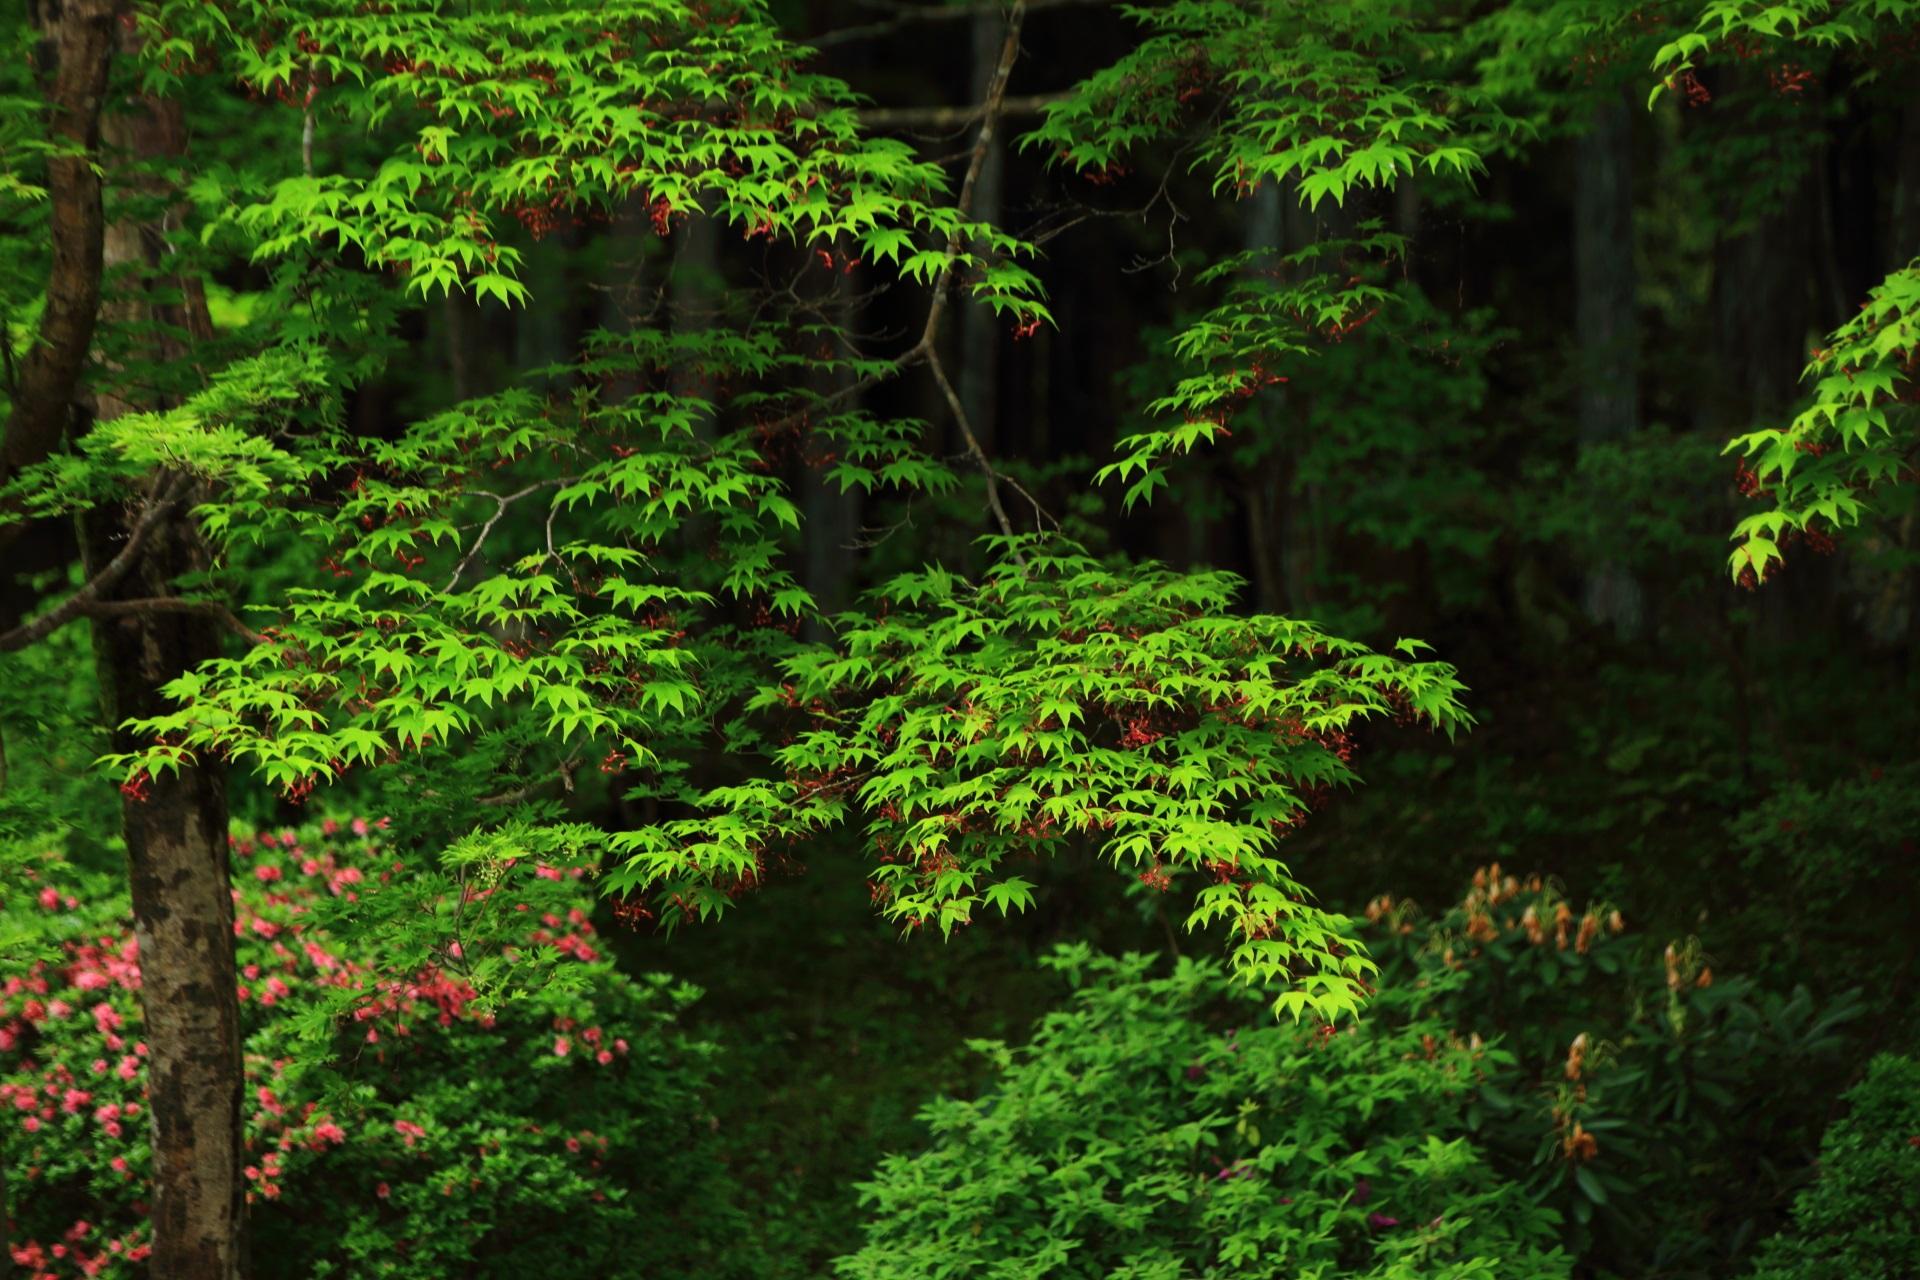 曼殊院の春の庭園を彩る鮮やかな新緑